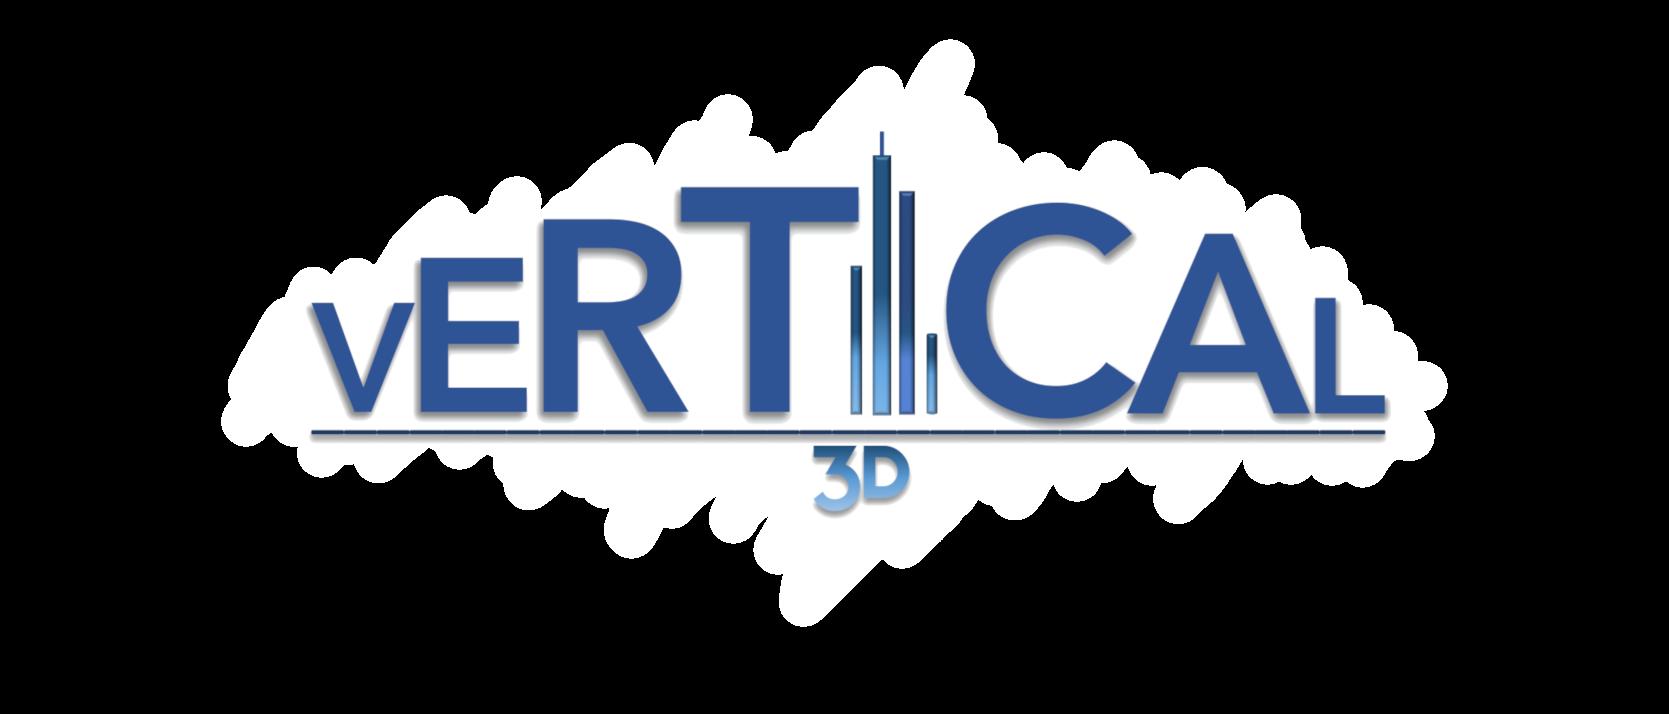 VERTICAL 3D